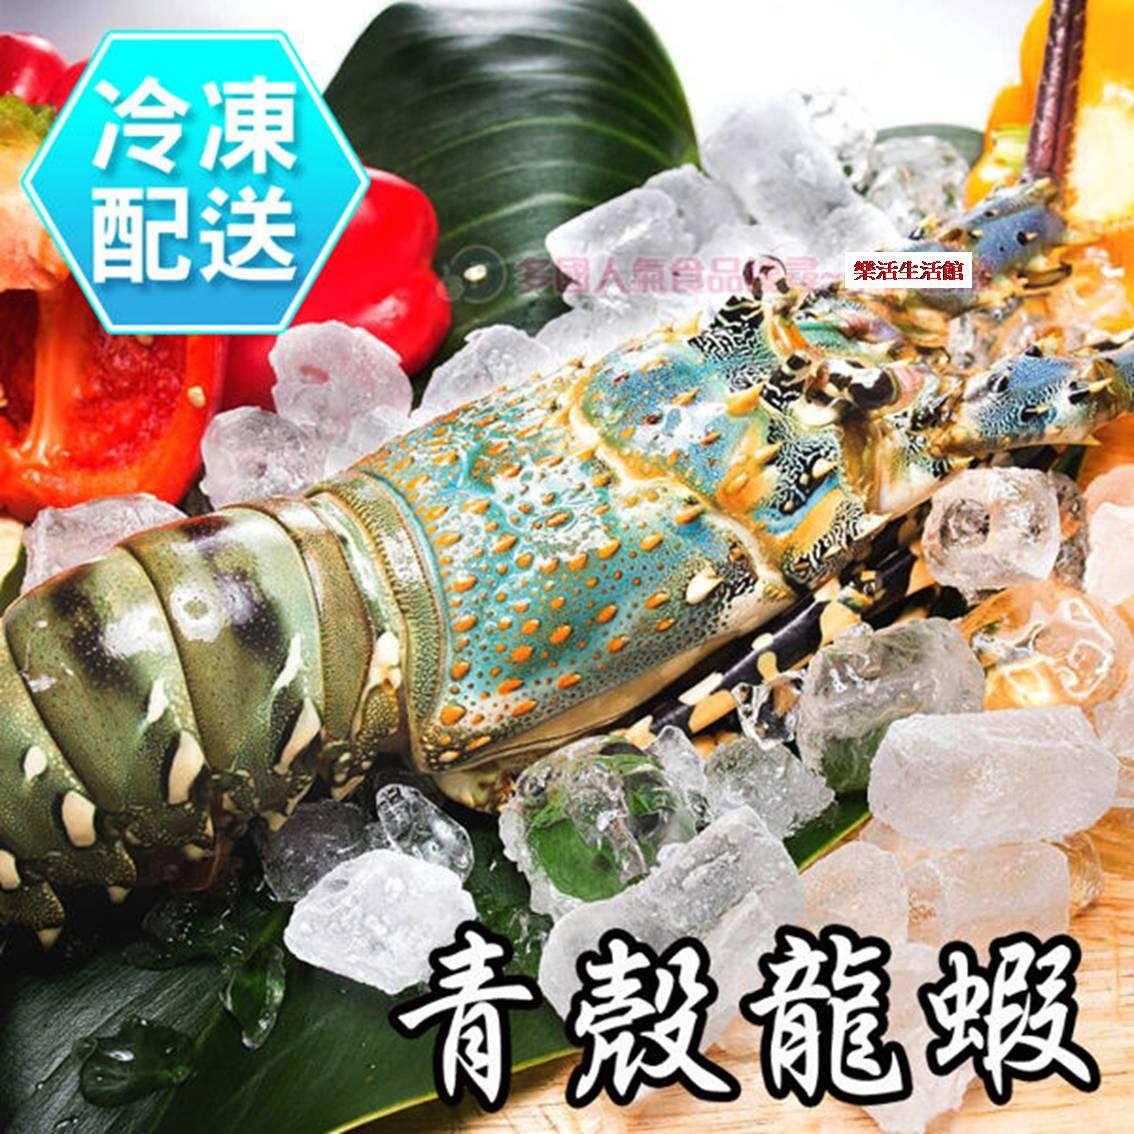 活凍青殼龍蝦 單隻 冷凍配送 樂活生活館